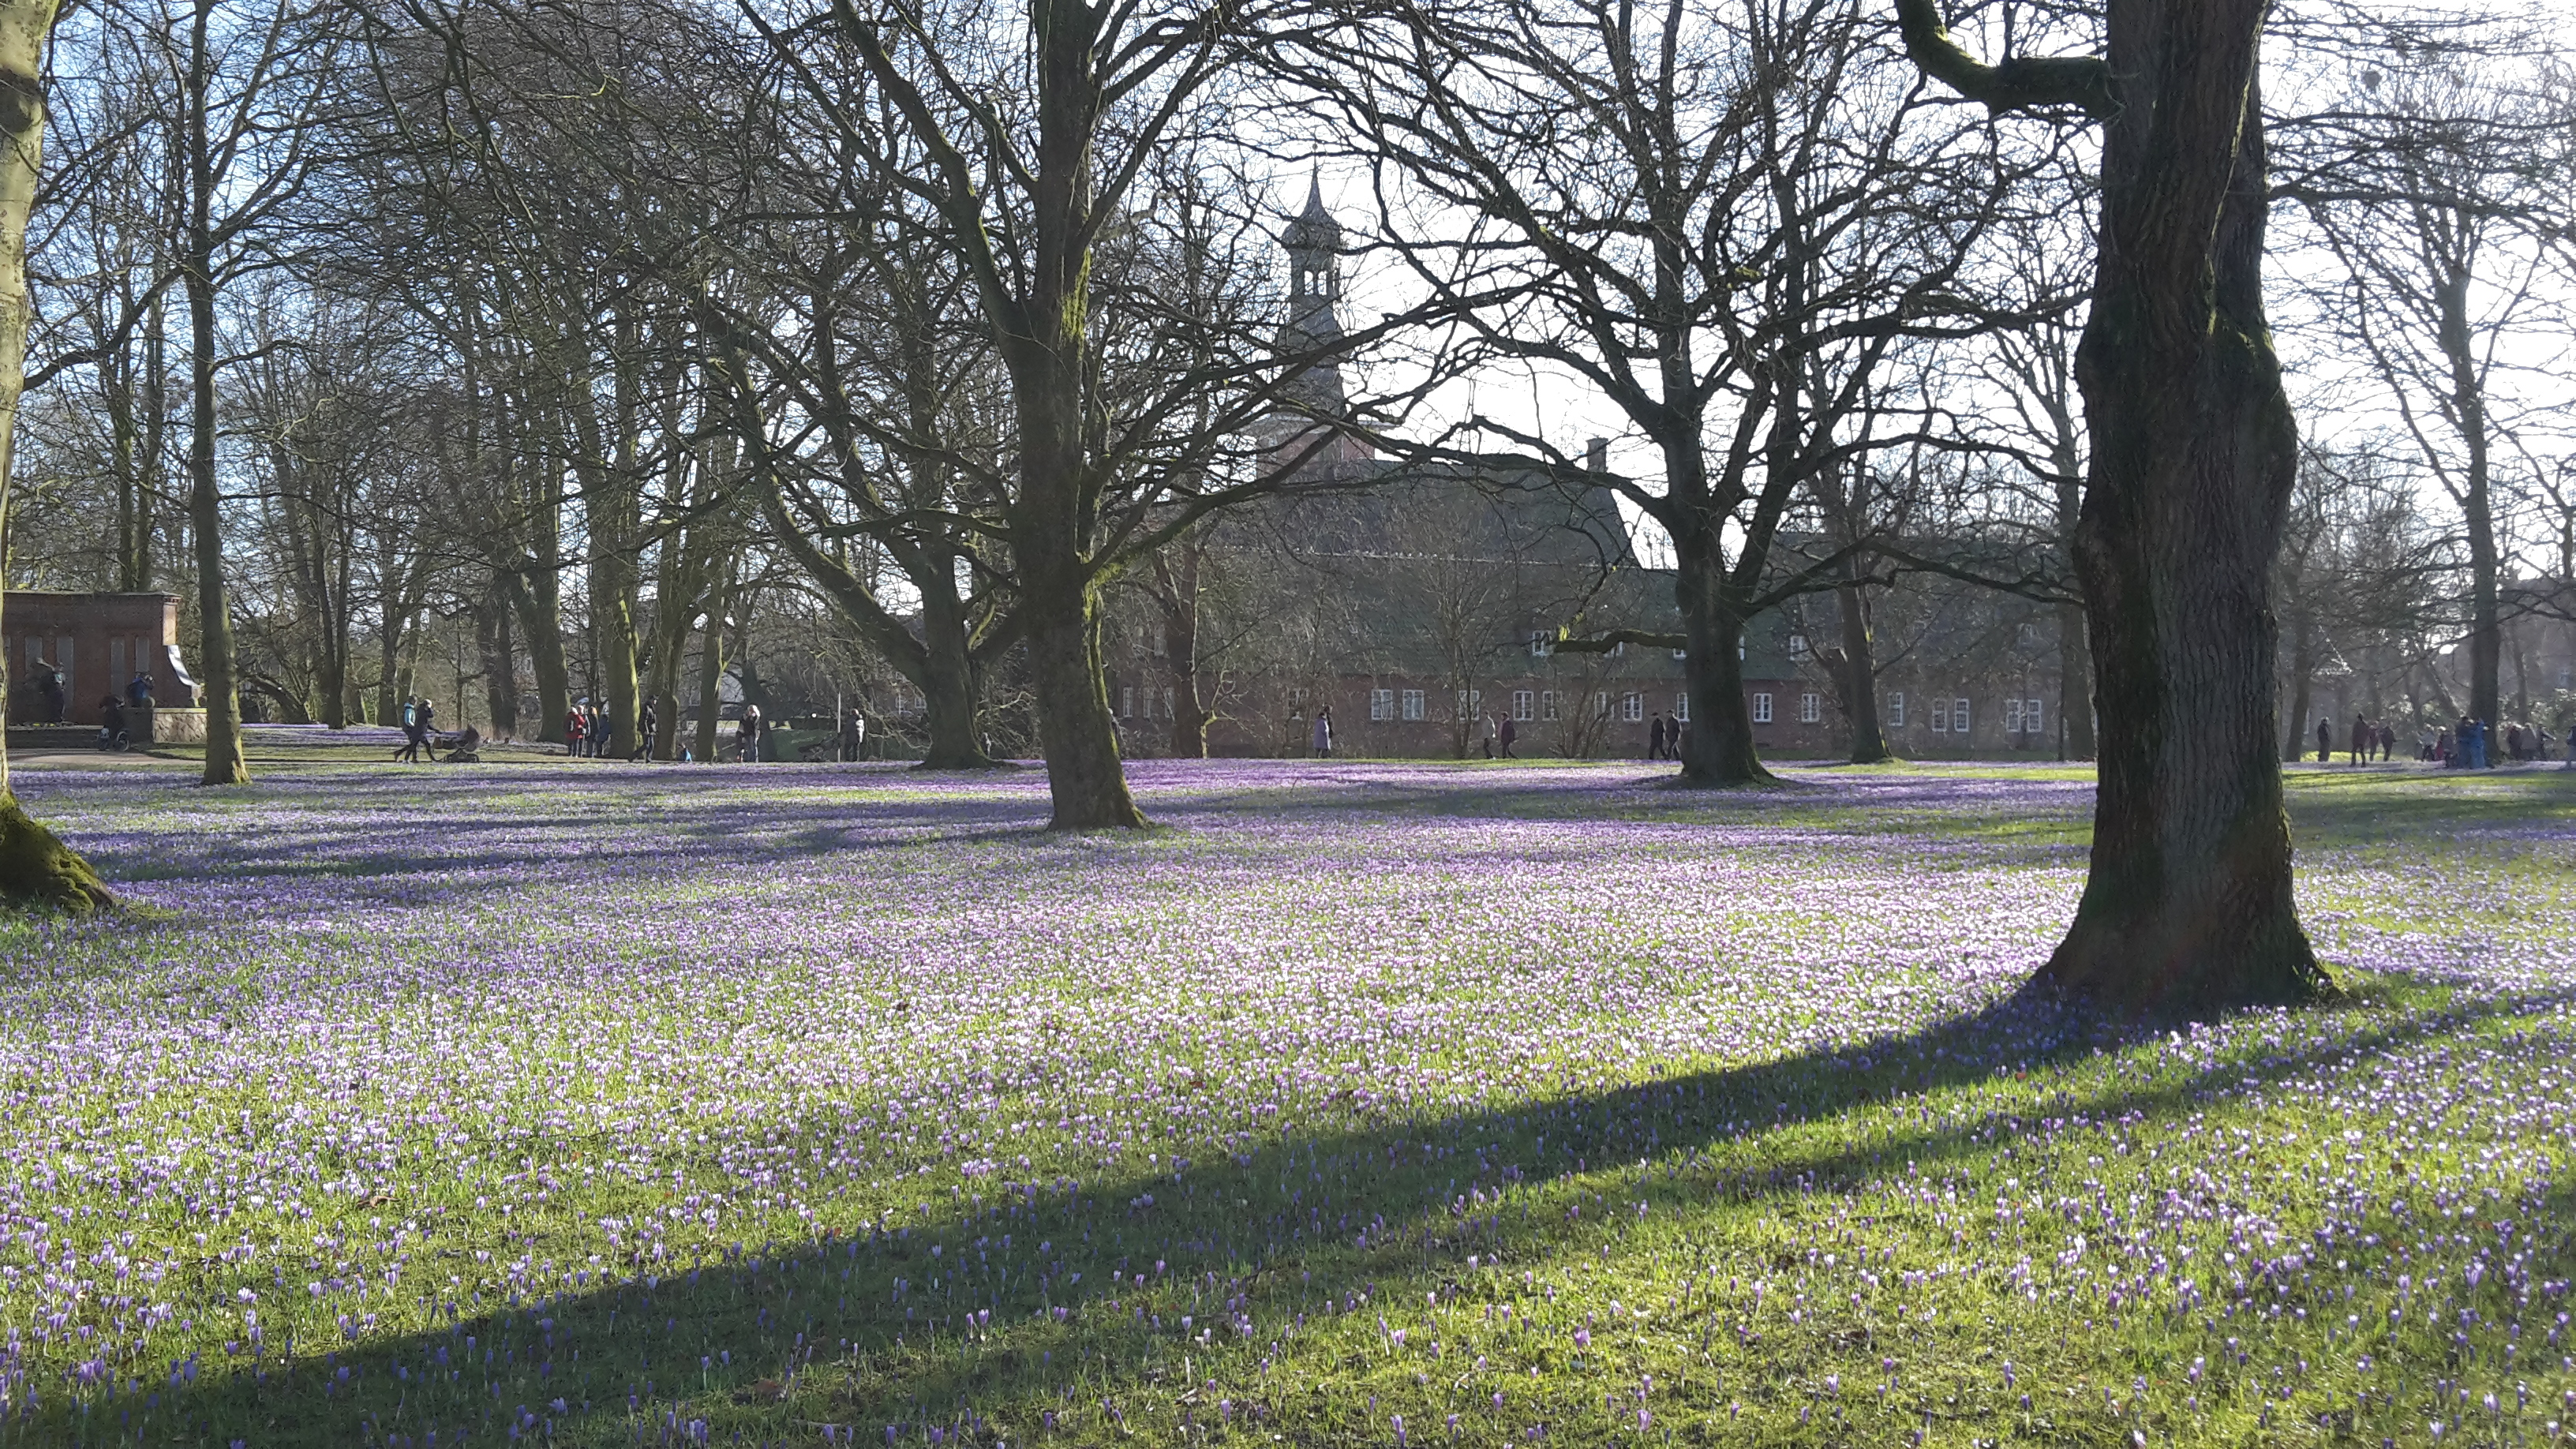 Krokusblüte mit Schloß vor Husum im Hintergrund